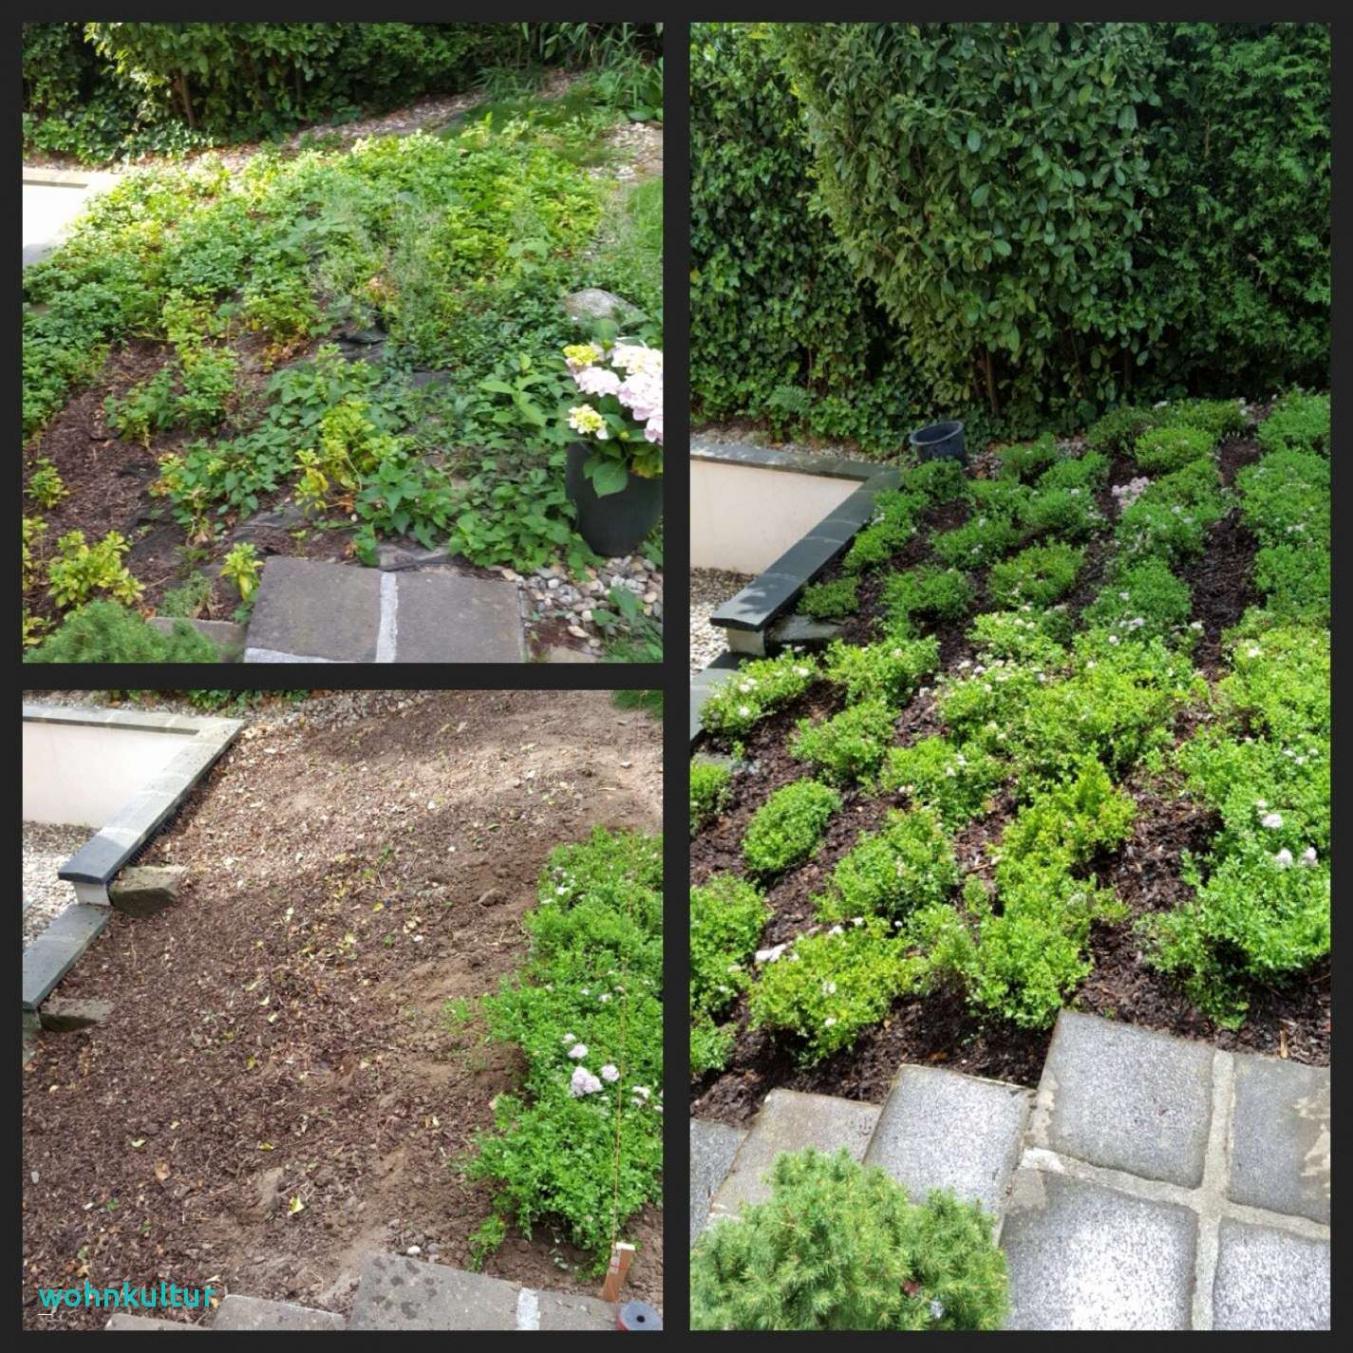 Beetgestaltung Modern Schön Gartengestaltung Ideen Mit Steinen — Temobardz Home Blog